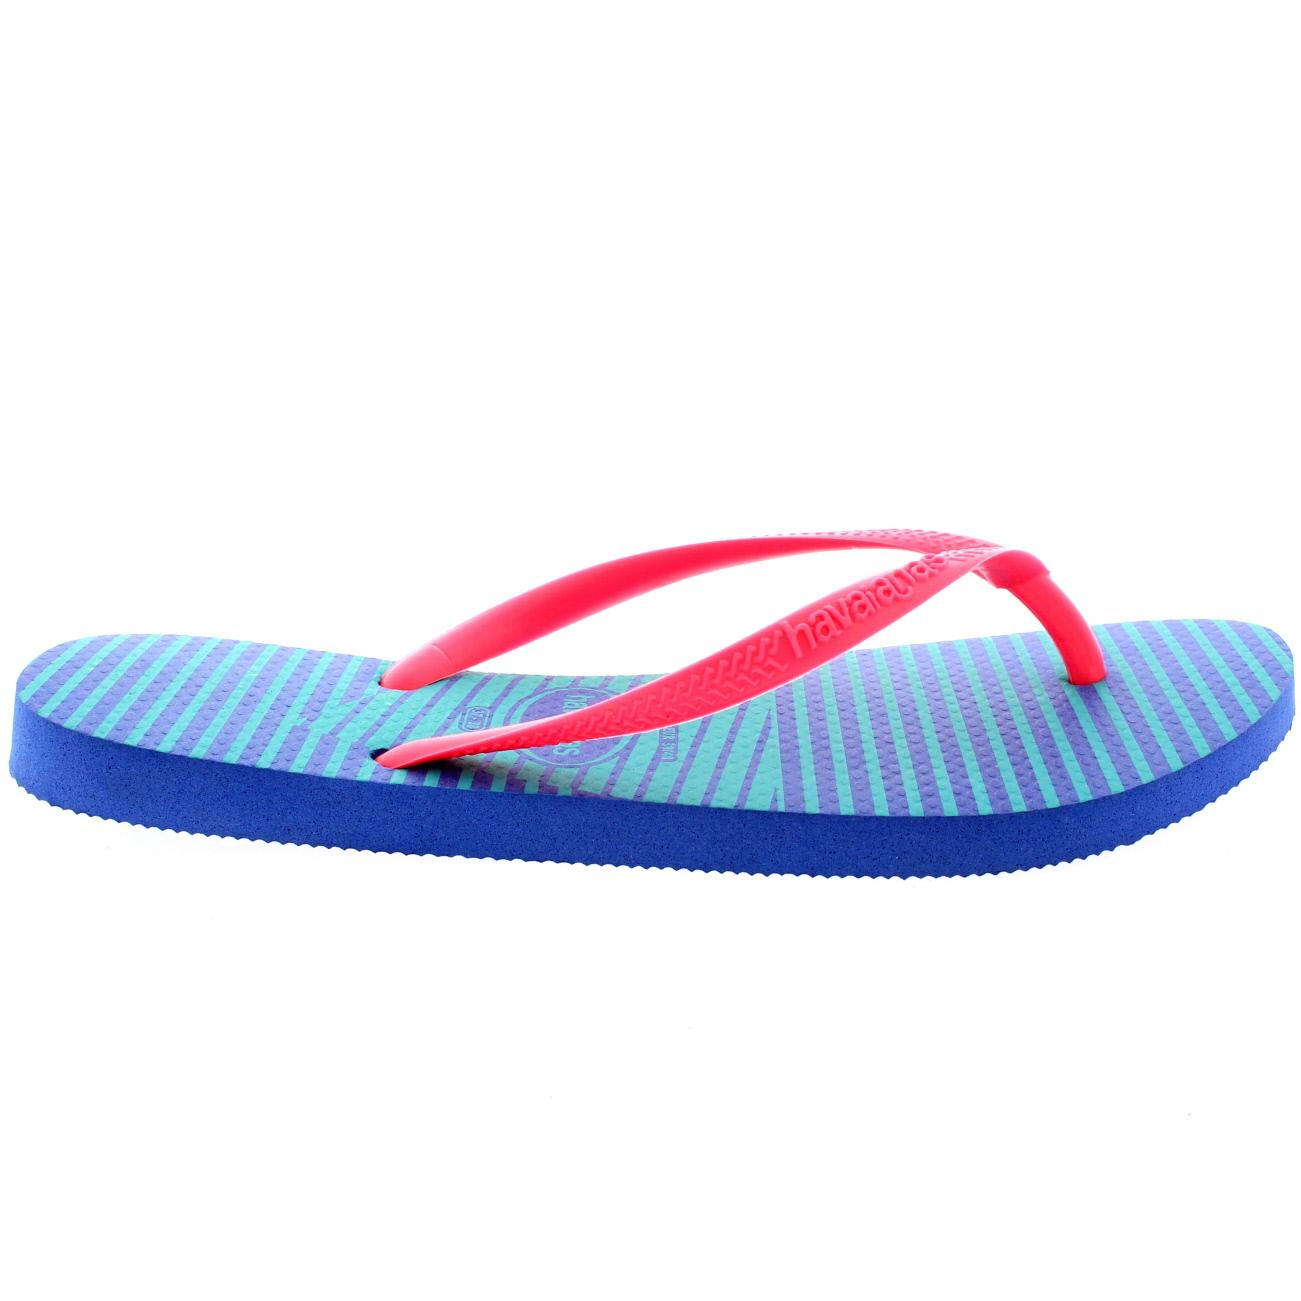 Damen Havaianas Slim Graphic Flache Urlaub Flip Flop Sommer Sandalen - Neon Rosa - 41/42 7o5pB